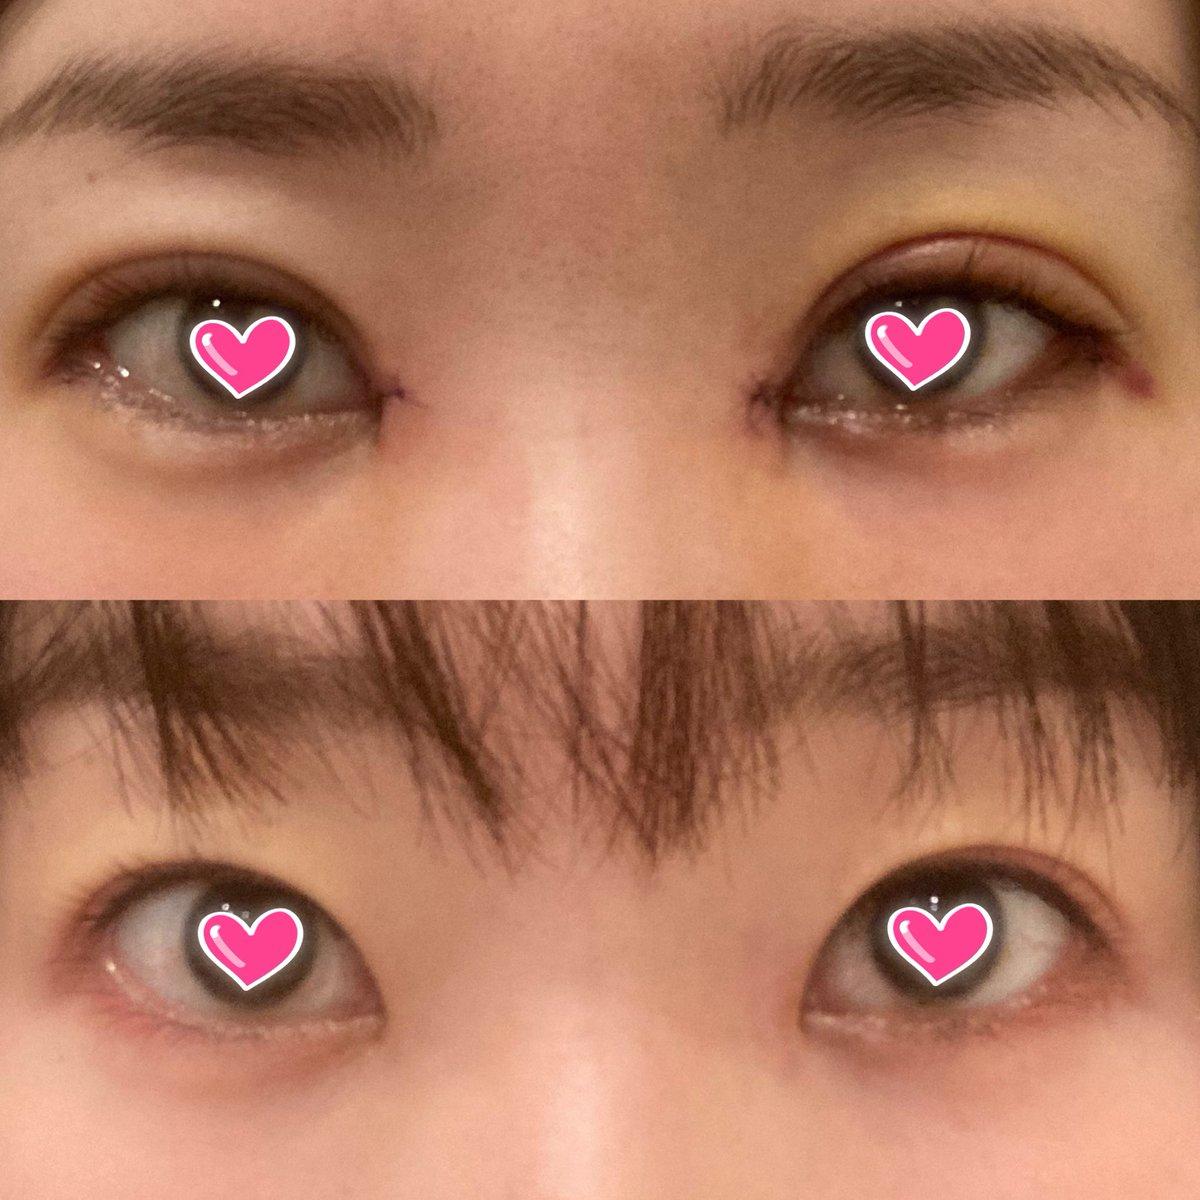 test ツイッターメディア - 下が今回の整形前の目なので、ここから森絵梨佳さんの目になりたいって言うのもかなり無理あるよな、、、生きるのつら😭 https://t.co/fvnERrYbge